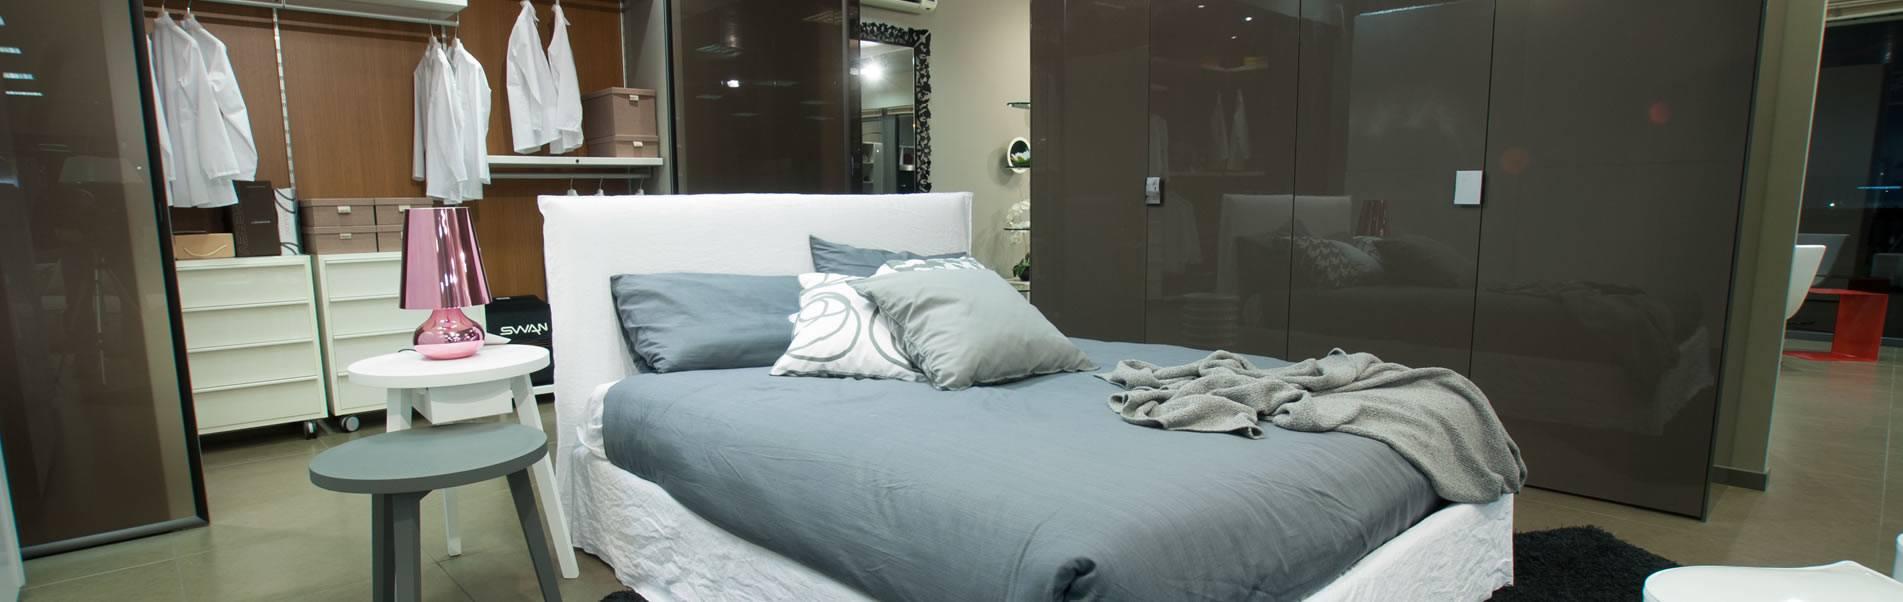 Esempio di camera da letto disponibile nello show room di Bassi Design a Piacenza